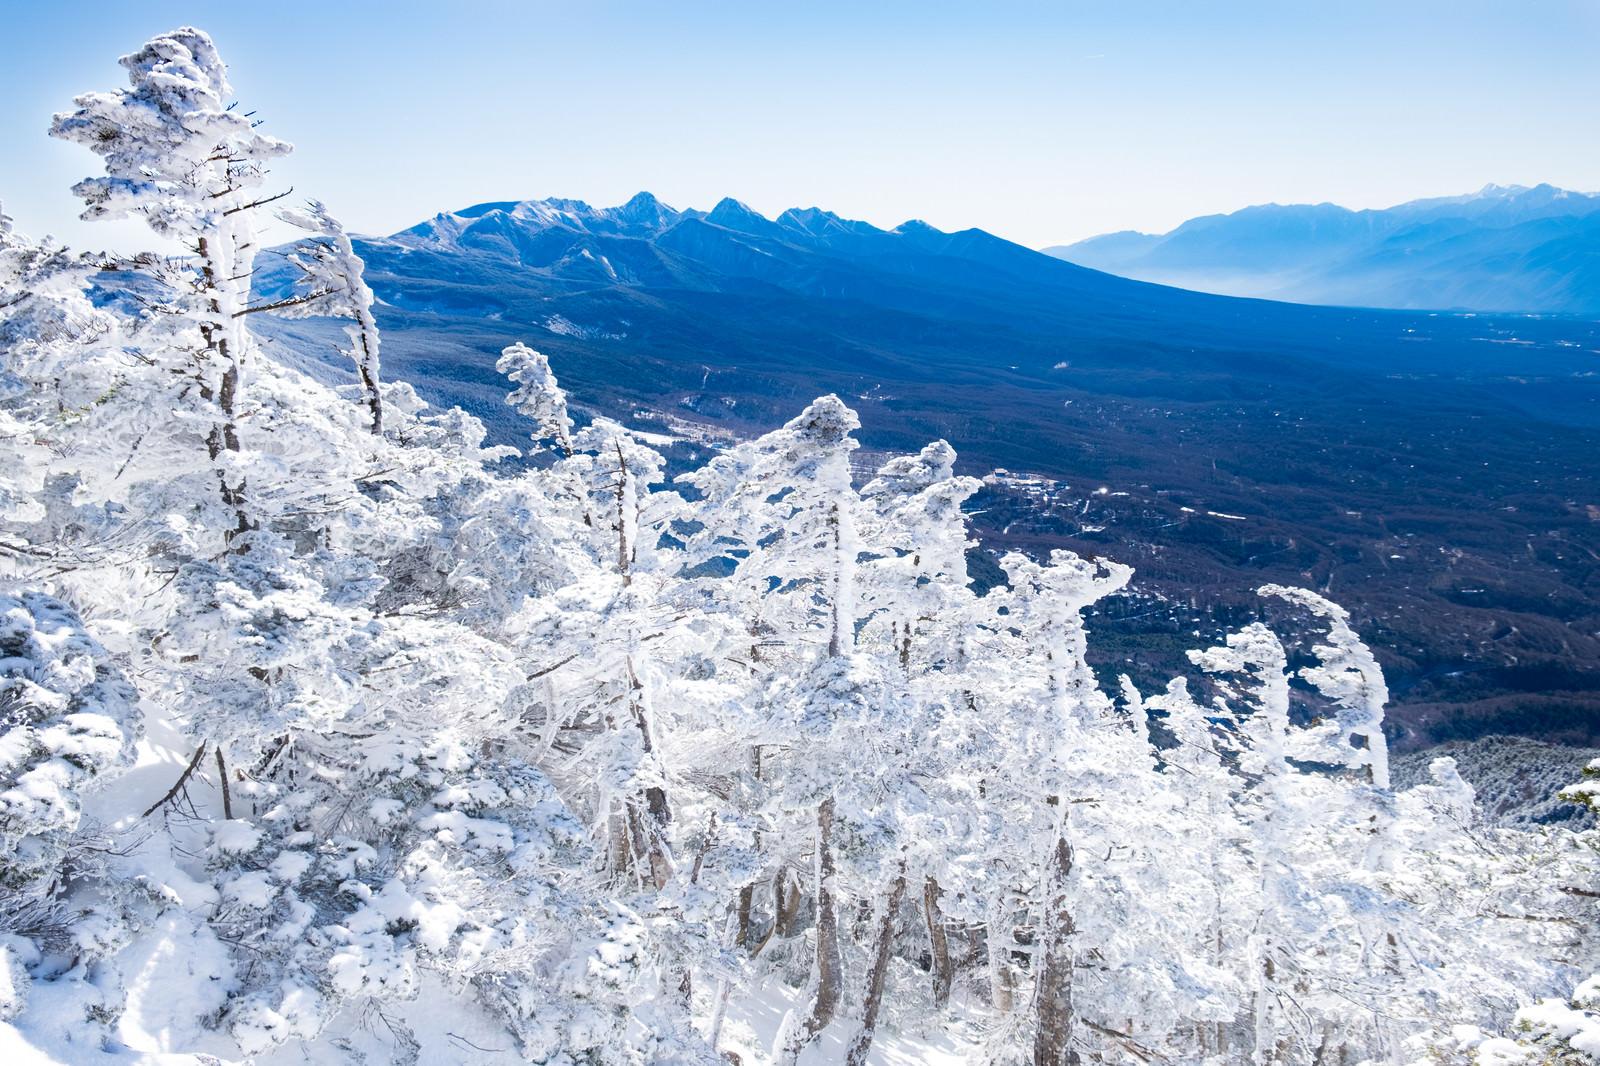 「強風により作られた霧氷のエビの尻尾強風により作られた霧氷のエビの尻尾」のフリー写真素材を拡大